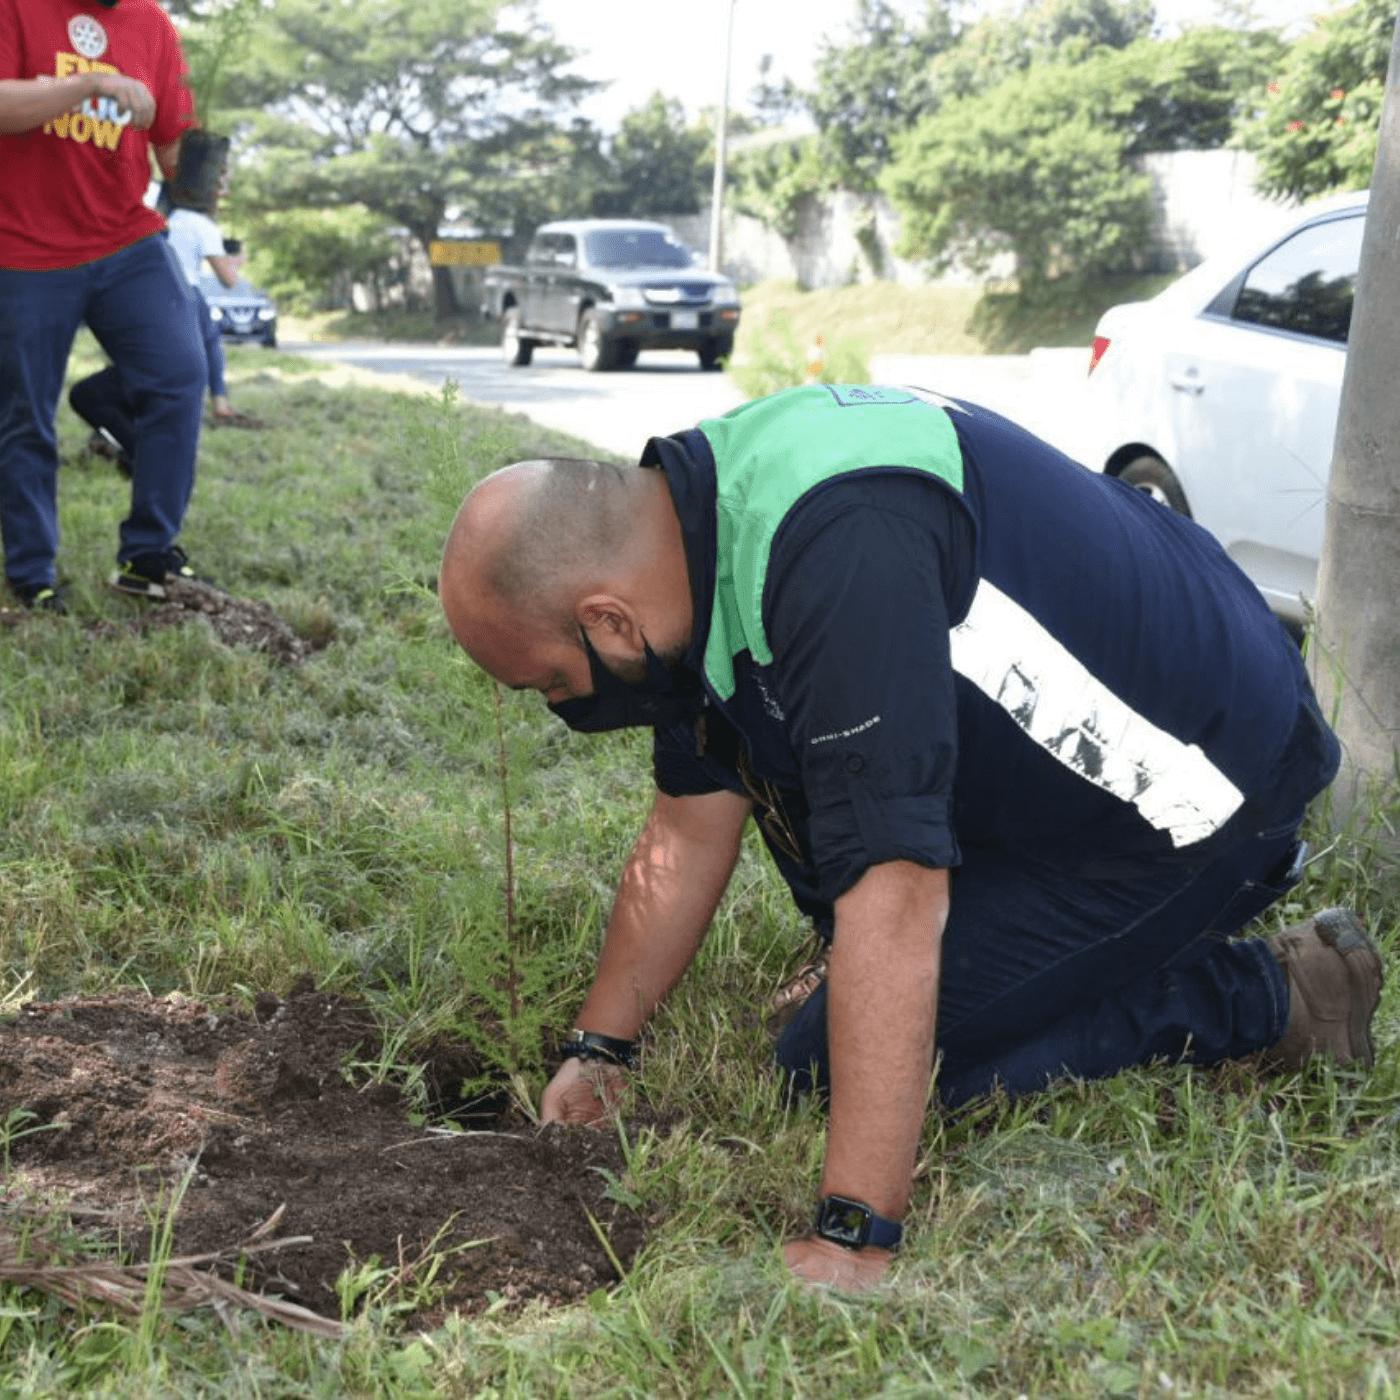 Los Espacios Verdes El Compromiso Con La Arborización. Plantación. Fotografía. Roberto d'Aubuisson. 2021